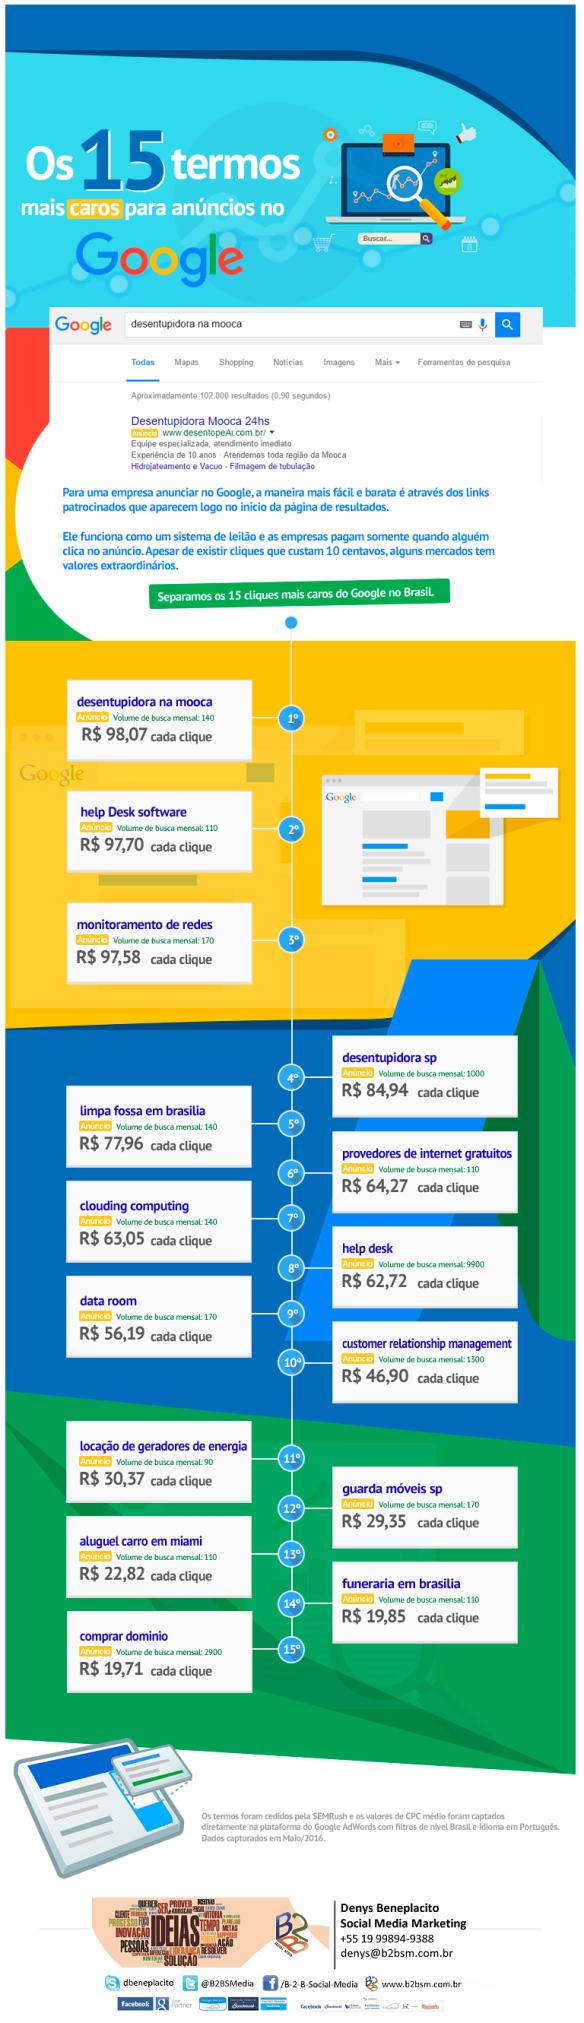 infografico-palavras-mais-caros-google